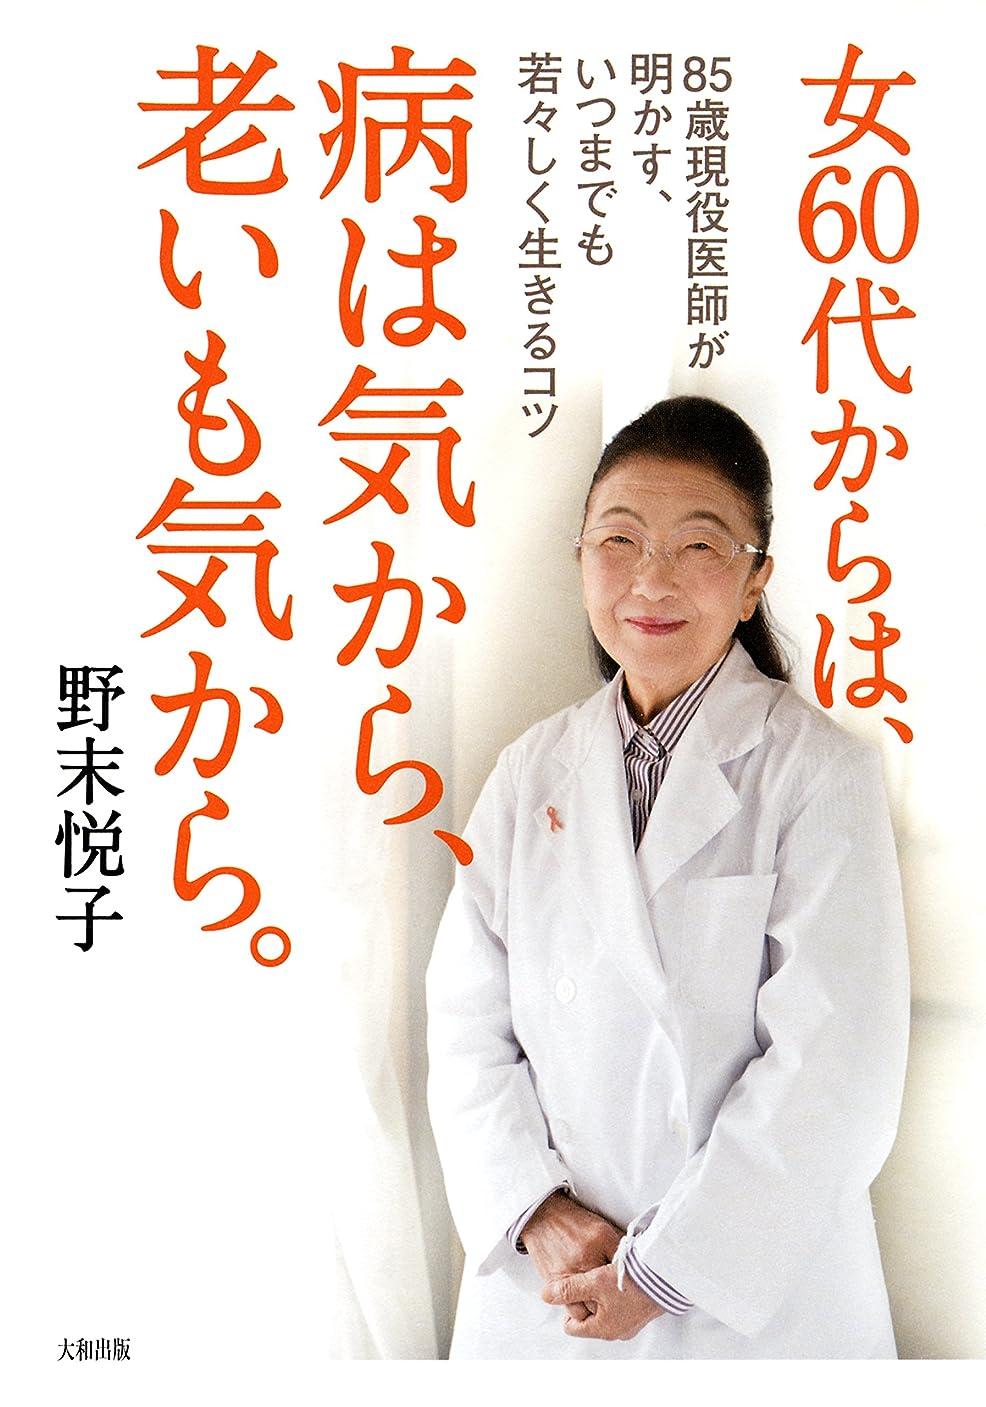 コレクション許す言う女60代からは、病は気から、老いも気から。 85歳現役医師が明かす、いつまでも若々しく生きるコツ (大和出版)